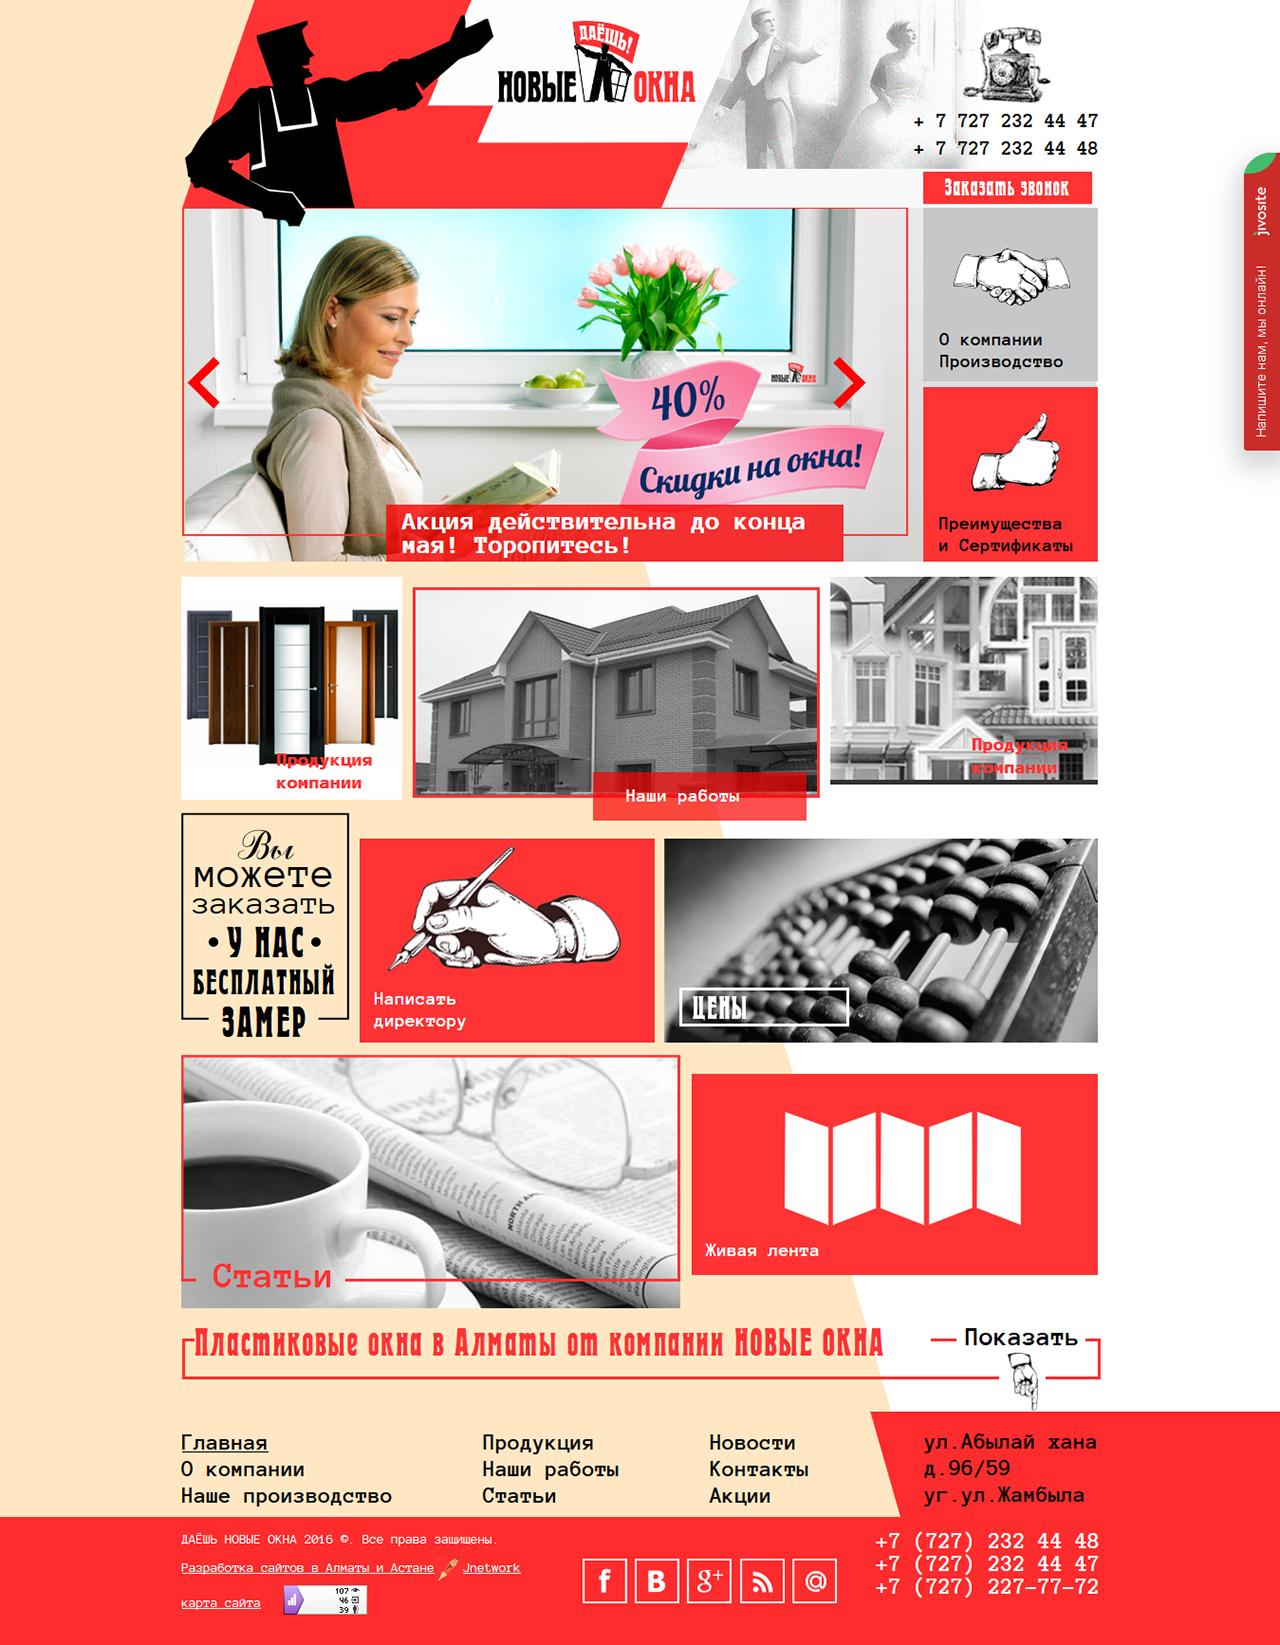 Редизайн сайта от компании Jnetwork